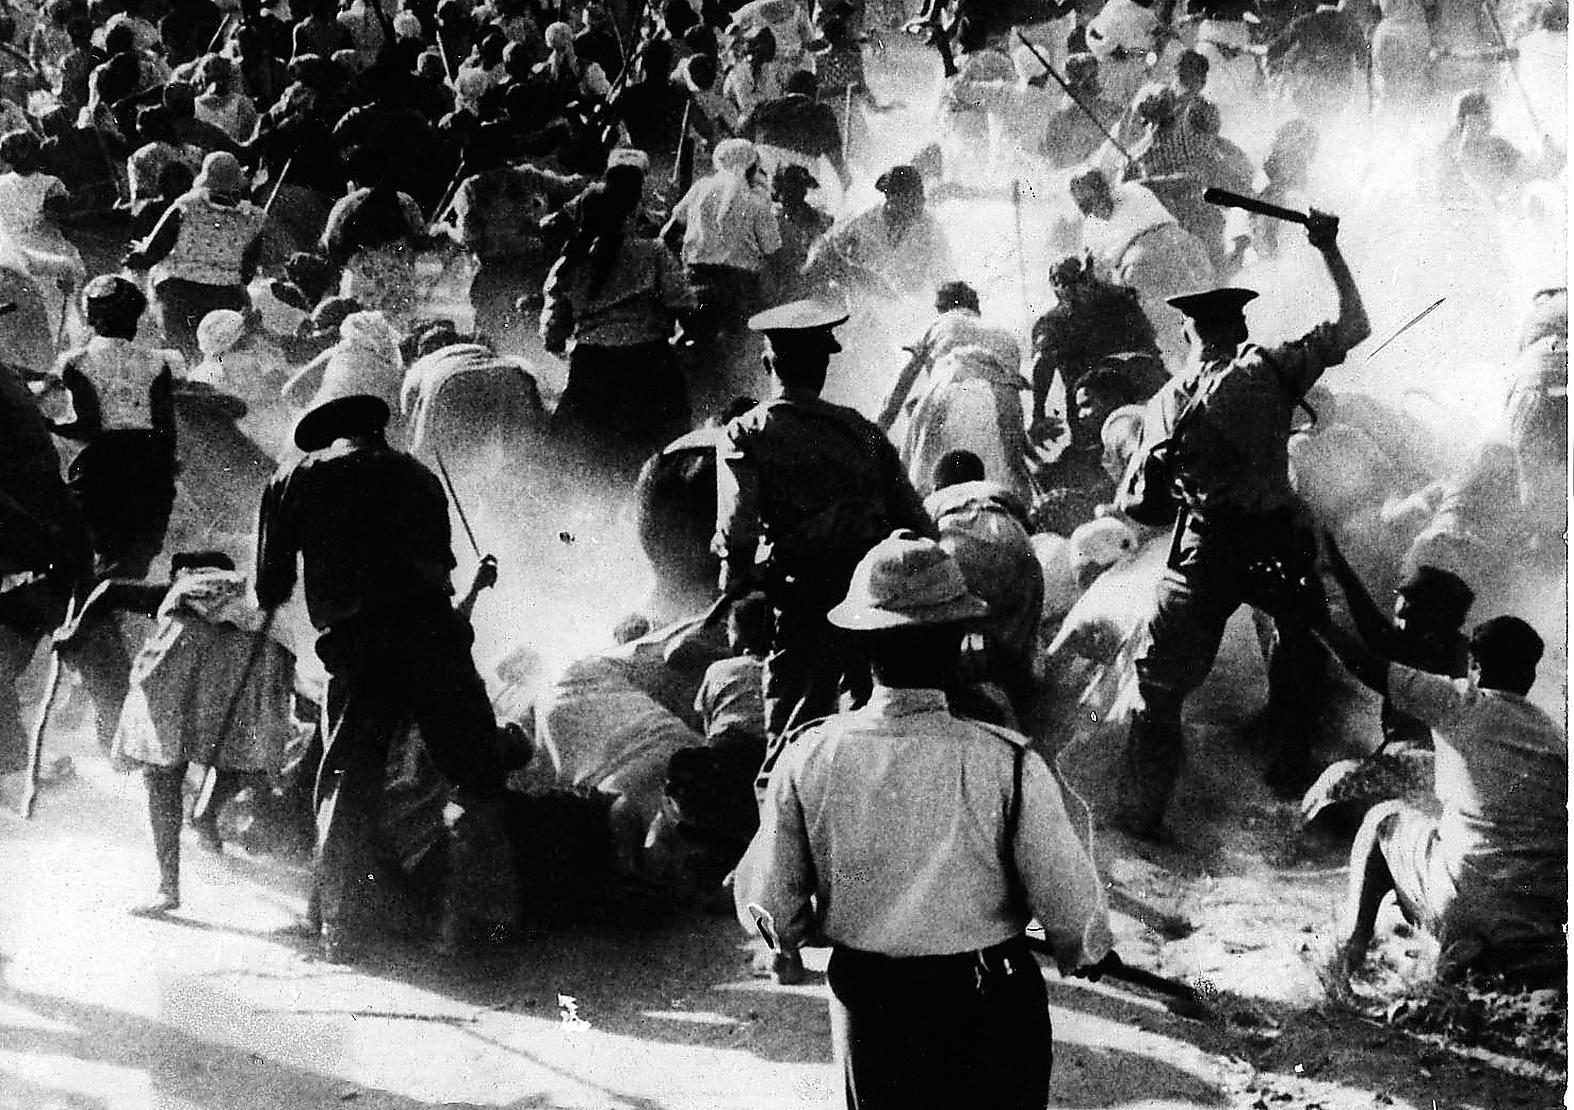 Massakern i Sharpeville, Sydafrika 1960. Apartheidregimens våld och diskriminering har skapat en våldsam manlighet i Sydafrika. Foto: AP